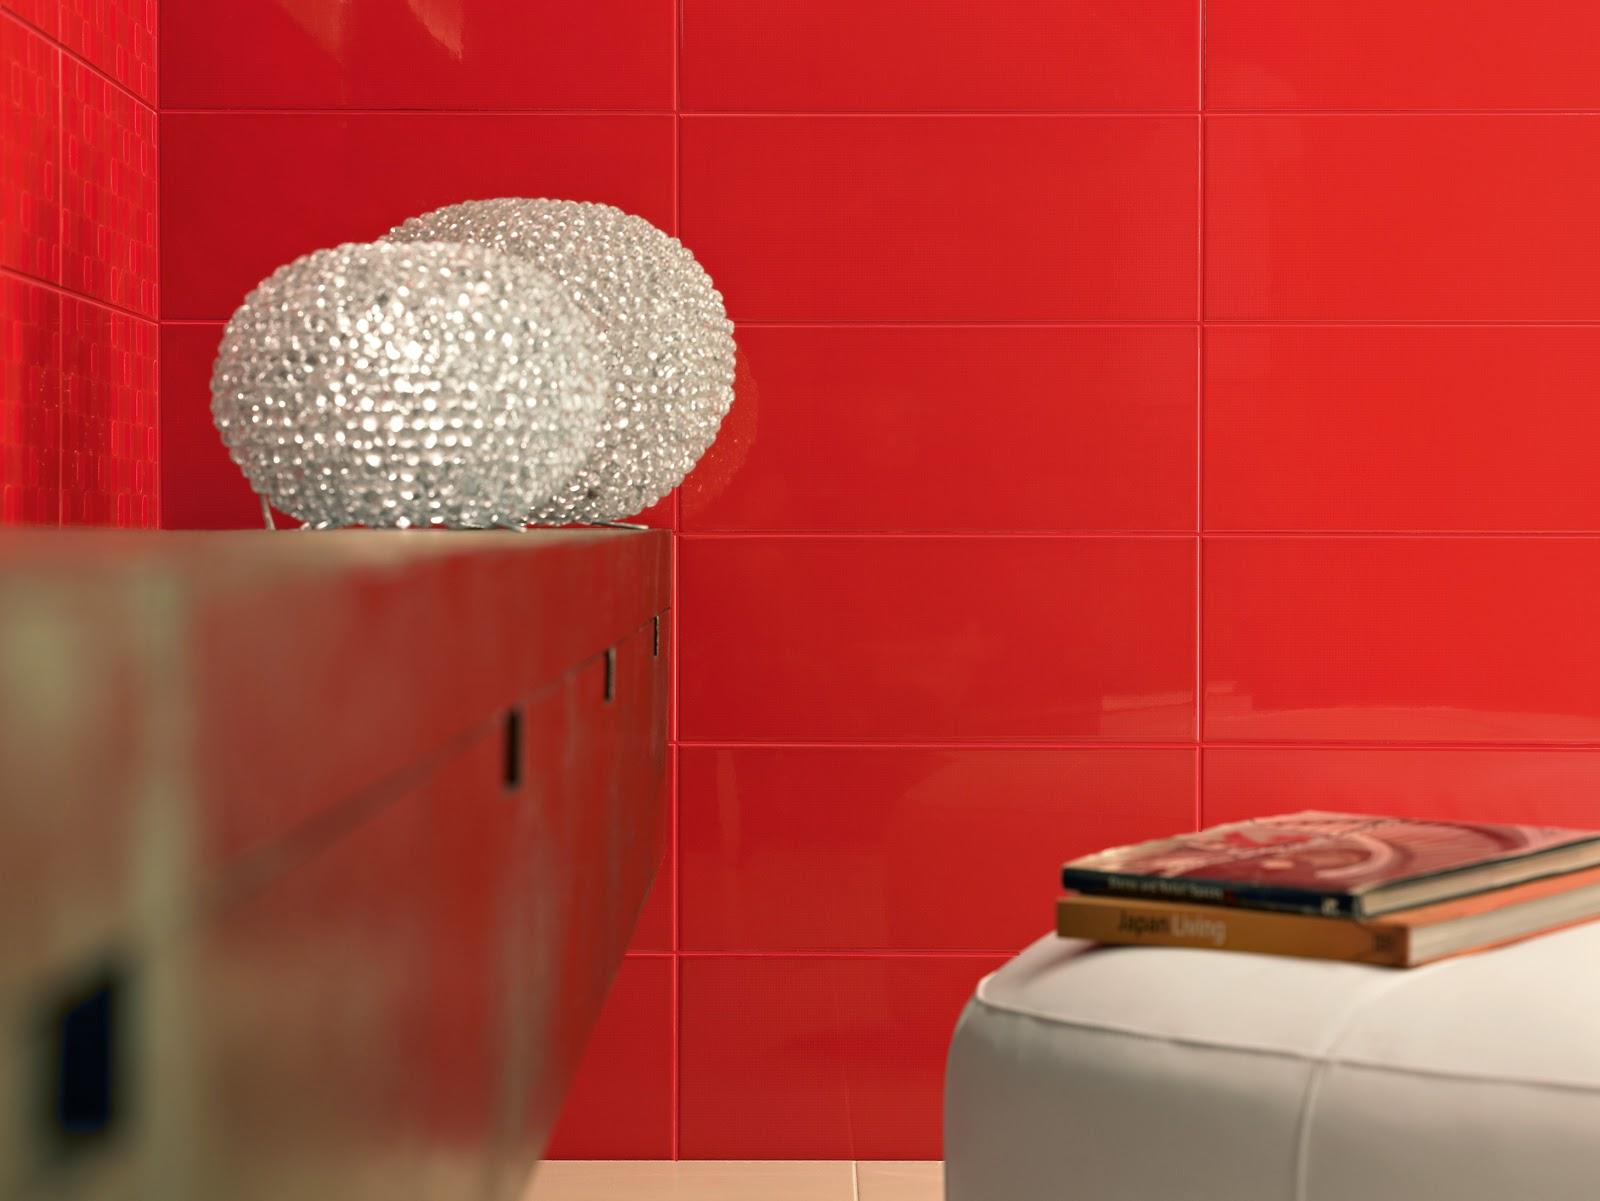 4bildcasa: scegliere le piastrelle del bagno - il colore | parte ... - Arredo Bagno Arancione